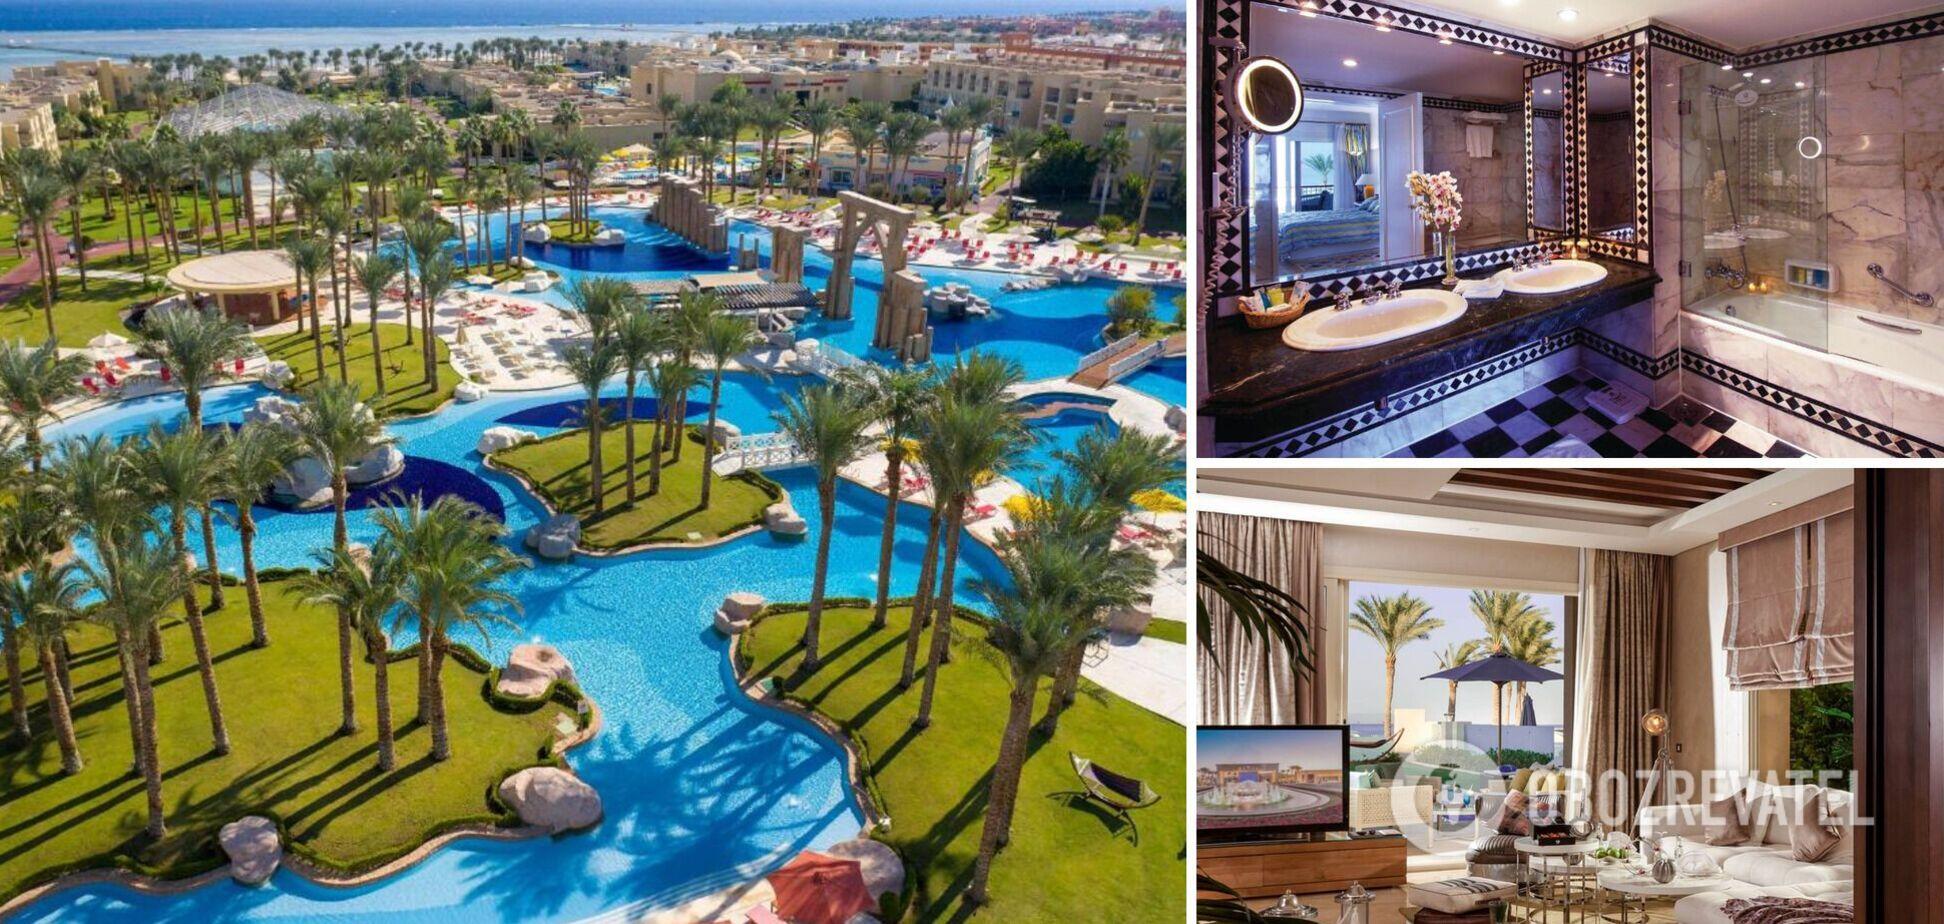 Названо 3 найдорожчих готелі Шарм-ель-Шейха. Фото